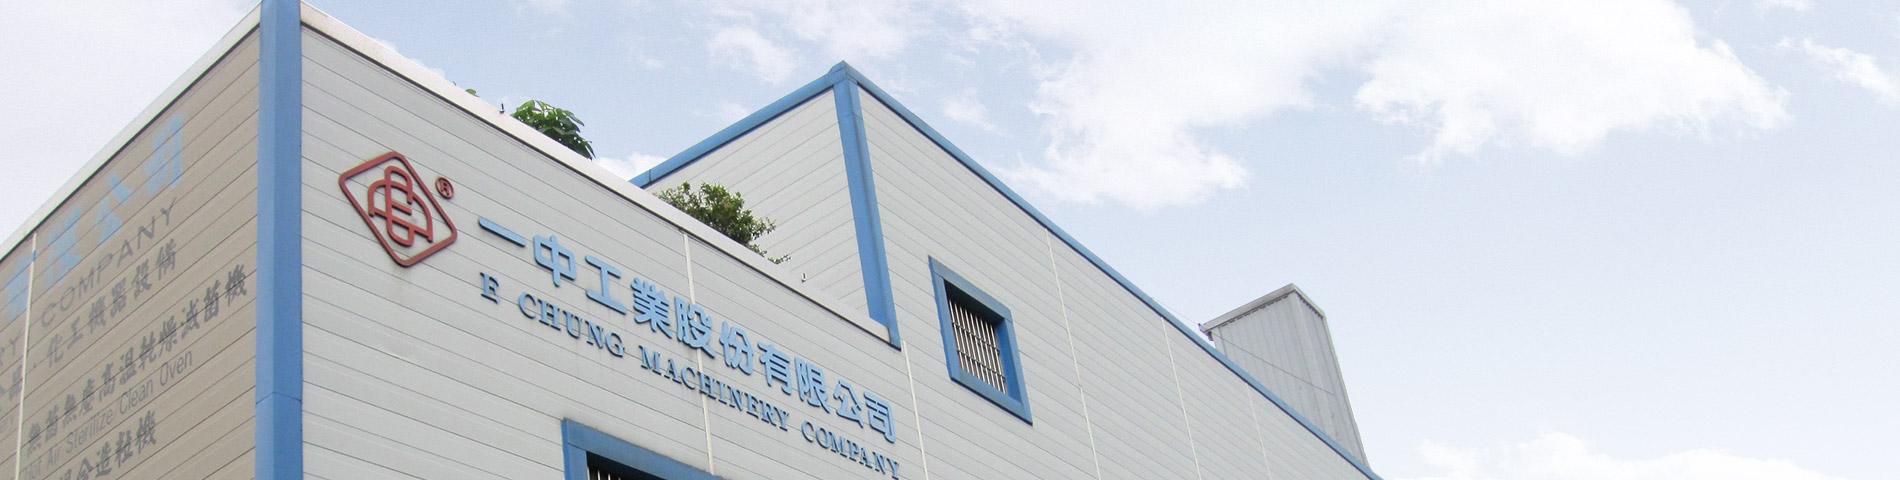 شركة E-CHUNG هي أكثر الصناعات احترافًا في العالم لـ الأدوية / التكنولوجيا الحيوية / معدات صناعة الأغذية